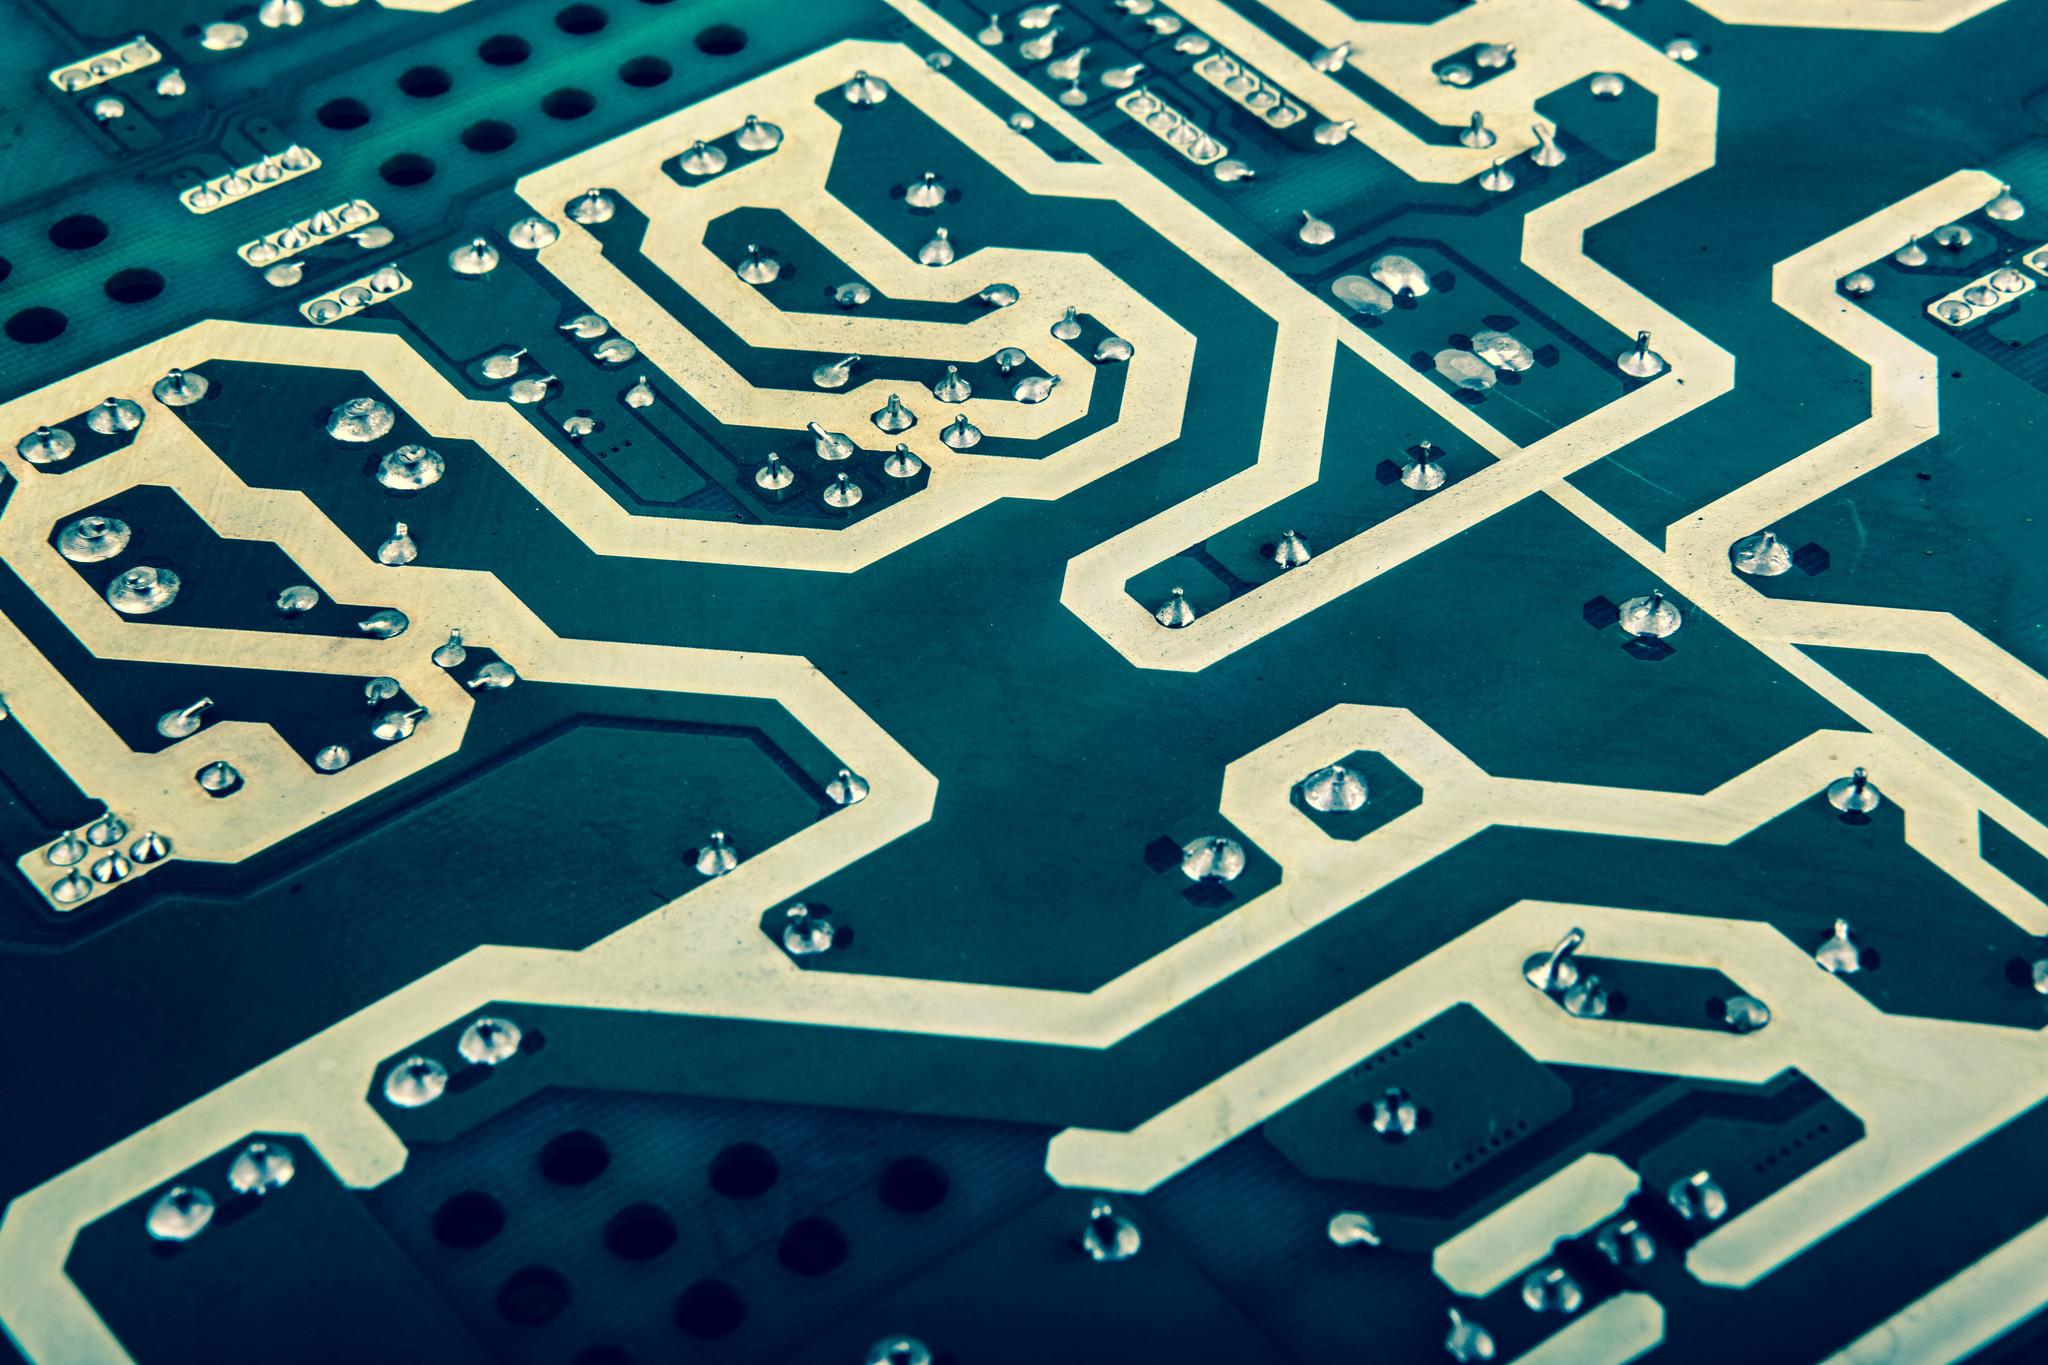 数字工业,数字孪生,工学互联网,信息技术,工业APP